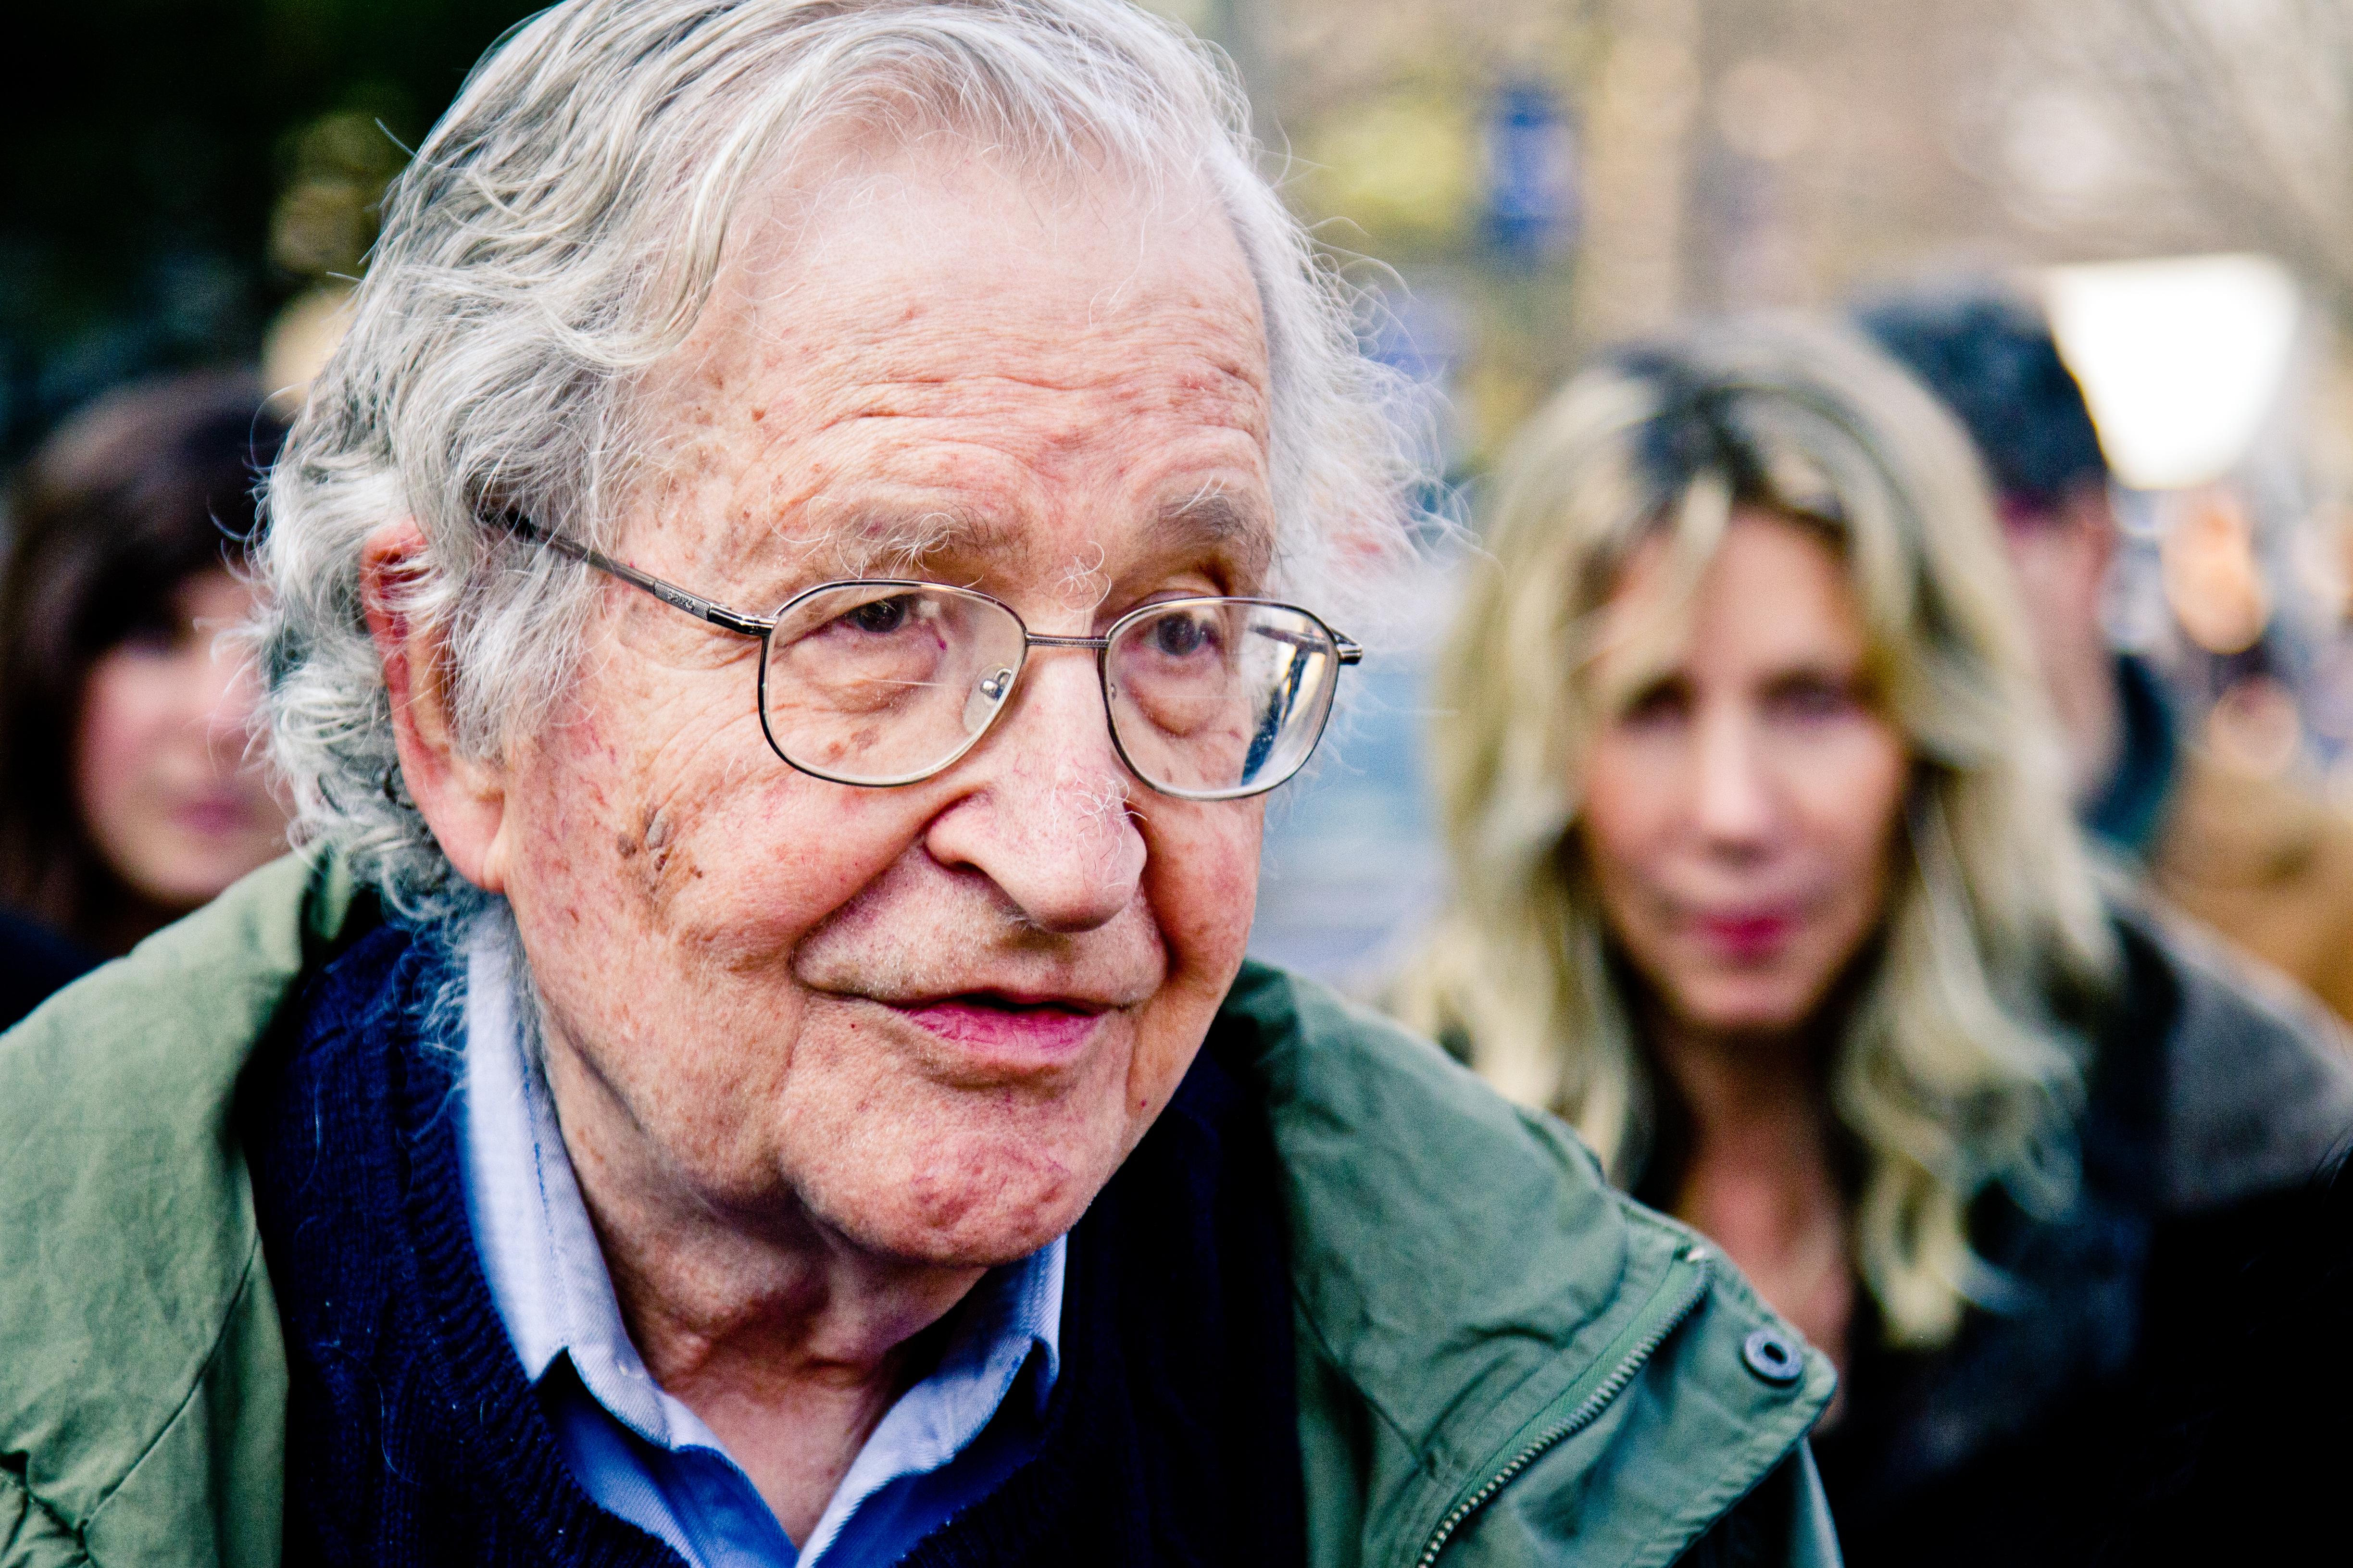 Noam Chomsky photo #100930, Noam Chomsky image